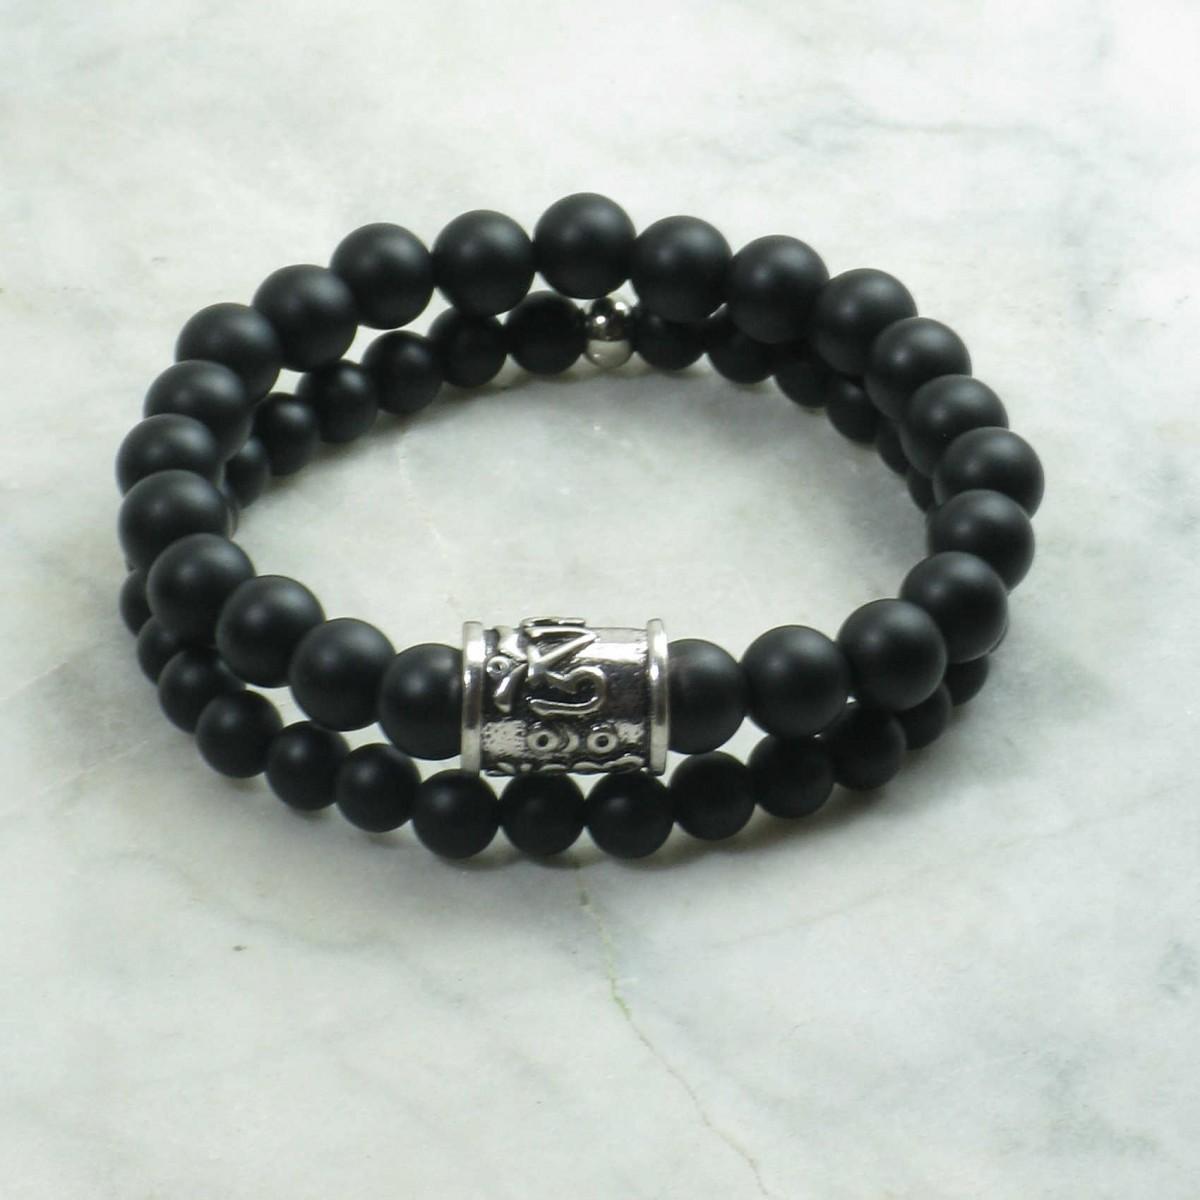 Nichiren_Bracelets_for_Men_Mala_Beads_Stacks_Black_Agate_Buddhist_Prayer_Beads